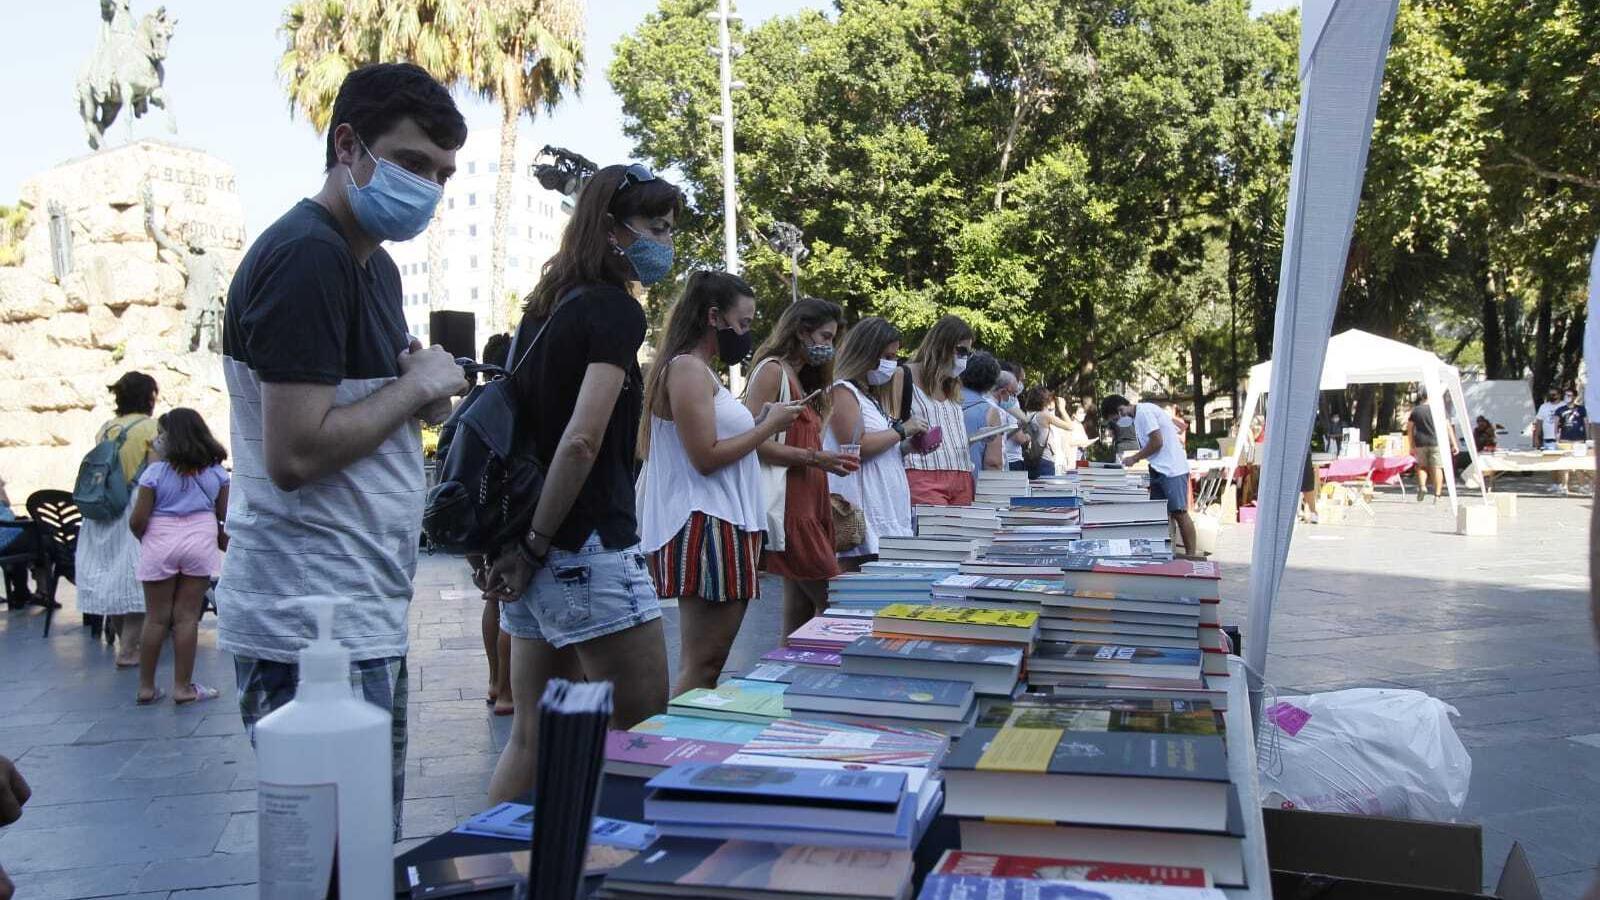 Lectors mirant llibres